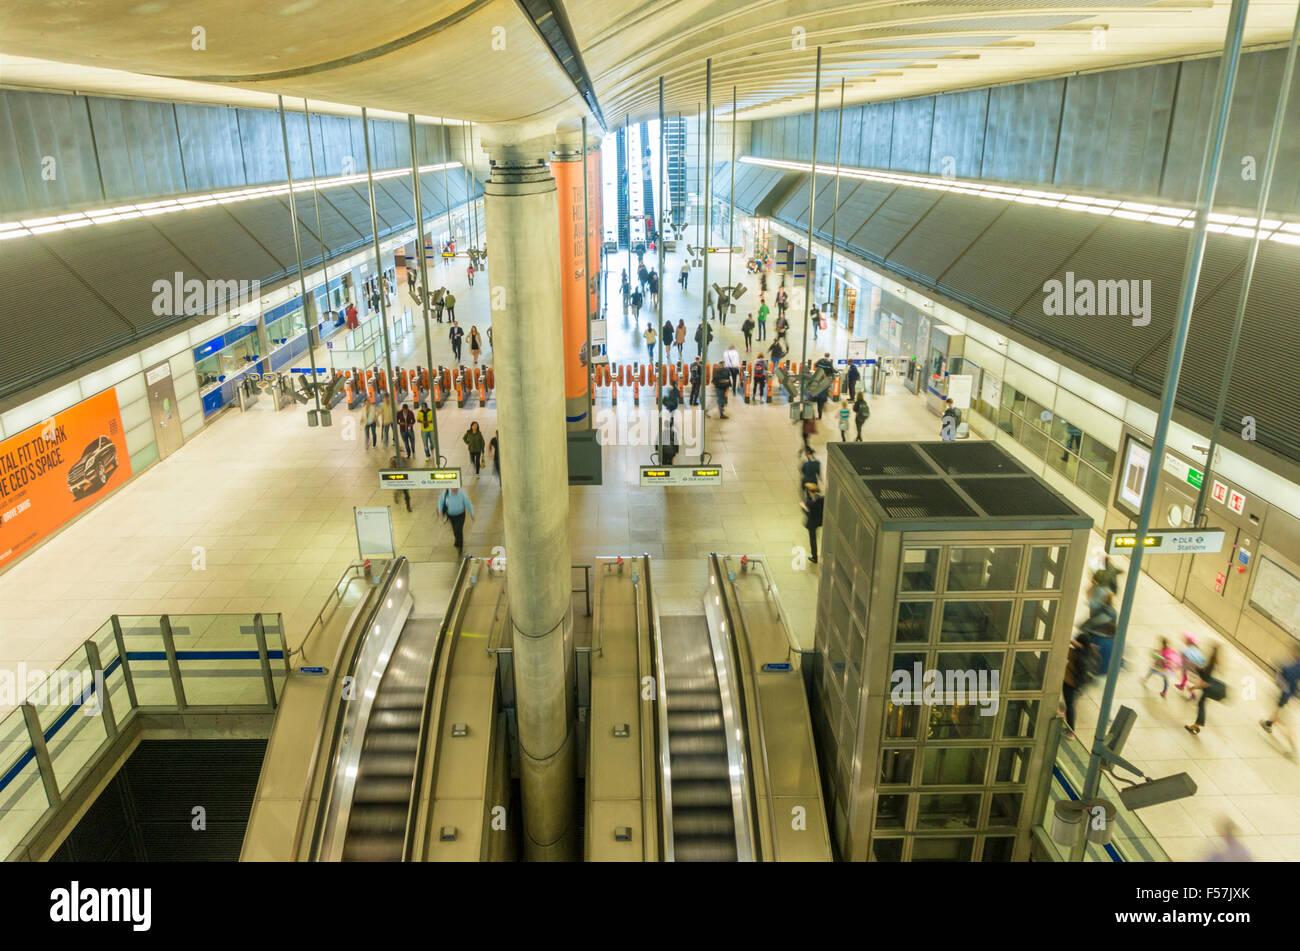 Canary wharf underground station entrance concourse London England UK Gb EU Europe - Stock Image